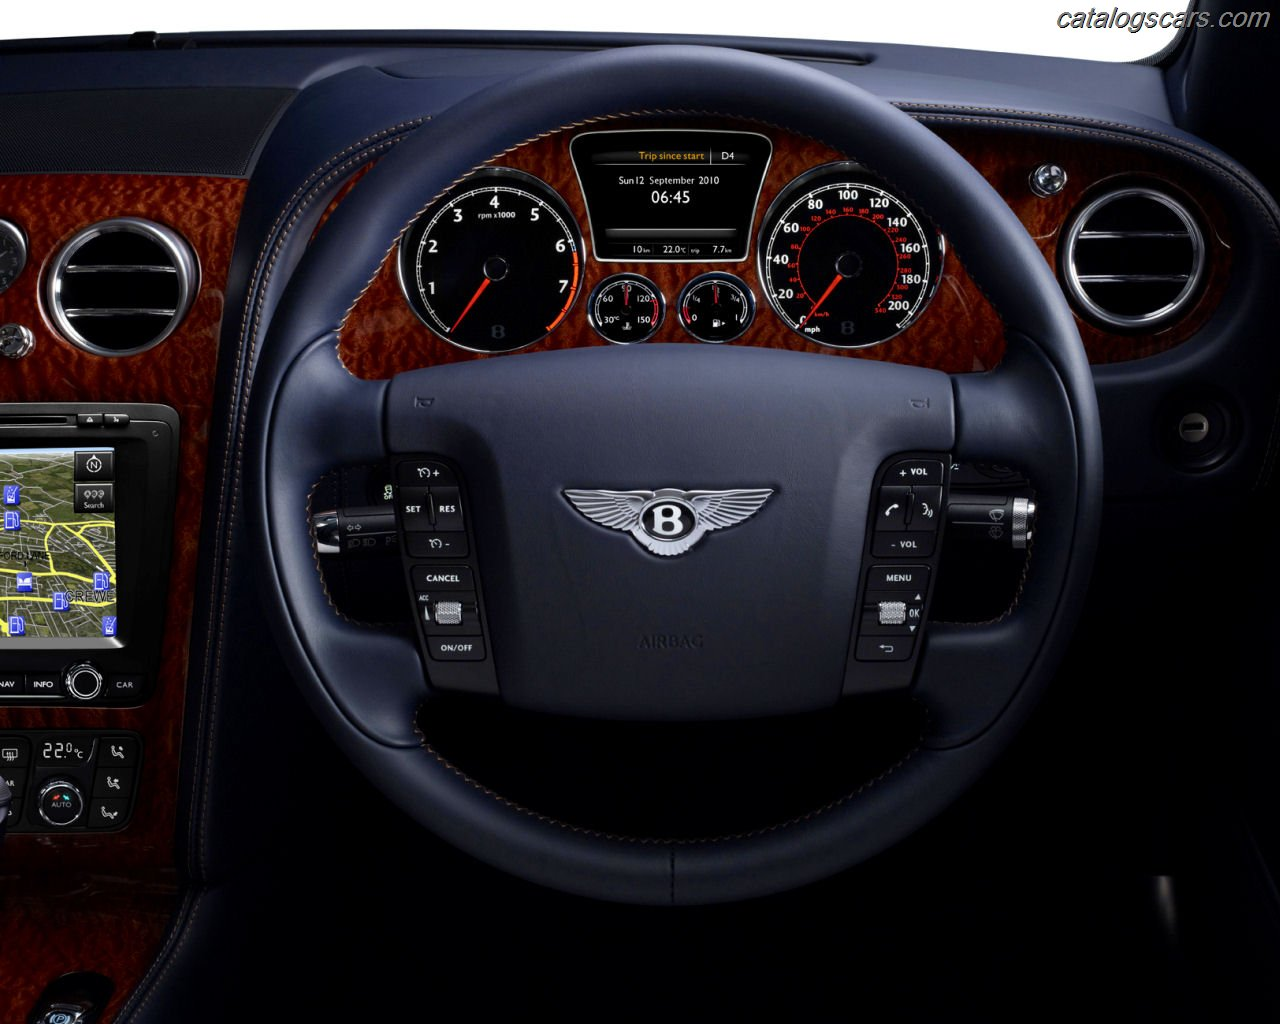 صور سيارة بنتلى كونتيننتال سيريس 51 2014 - اجمل خلفيات صور عربية بنتلى كونتيننتال سيريس 51 2014 - Bentley Continental Series 51 Photos Bentley-Continental-Series-51-2011-09.jpg